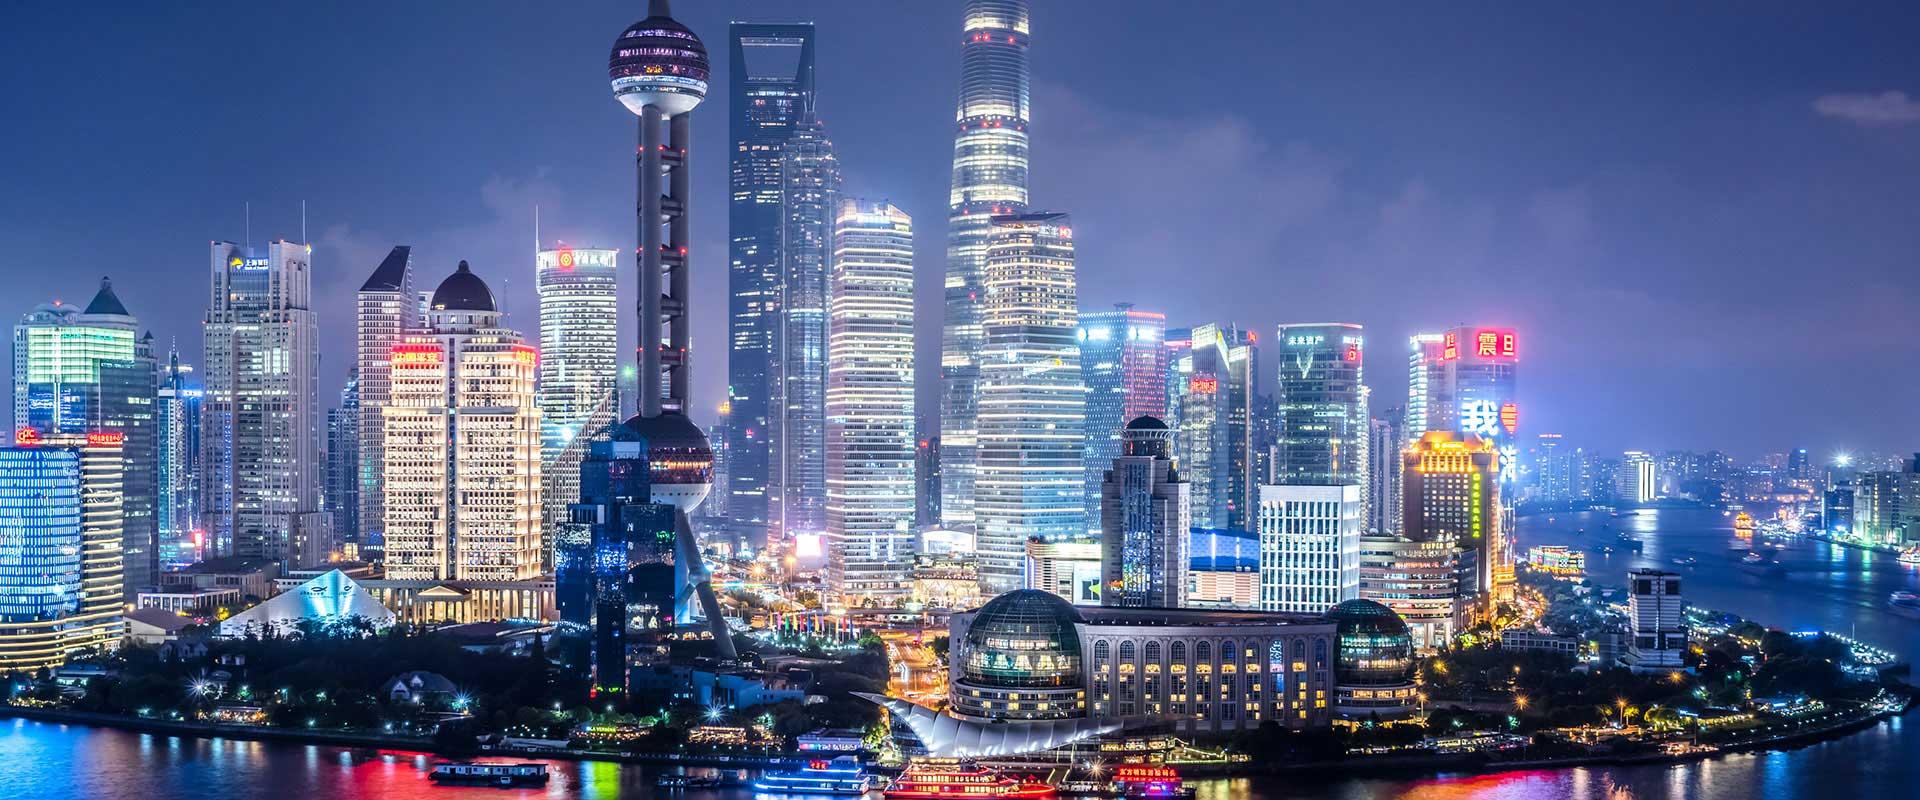 上海天际线夜景